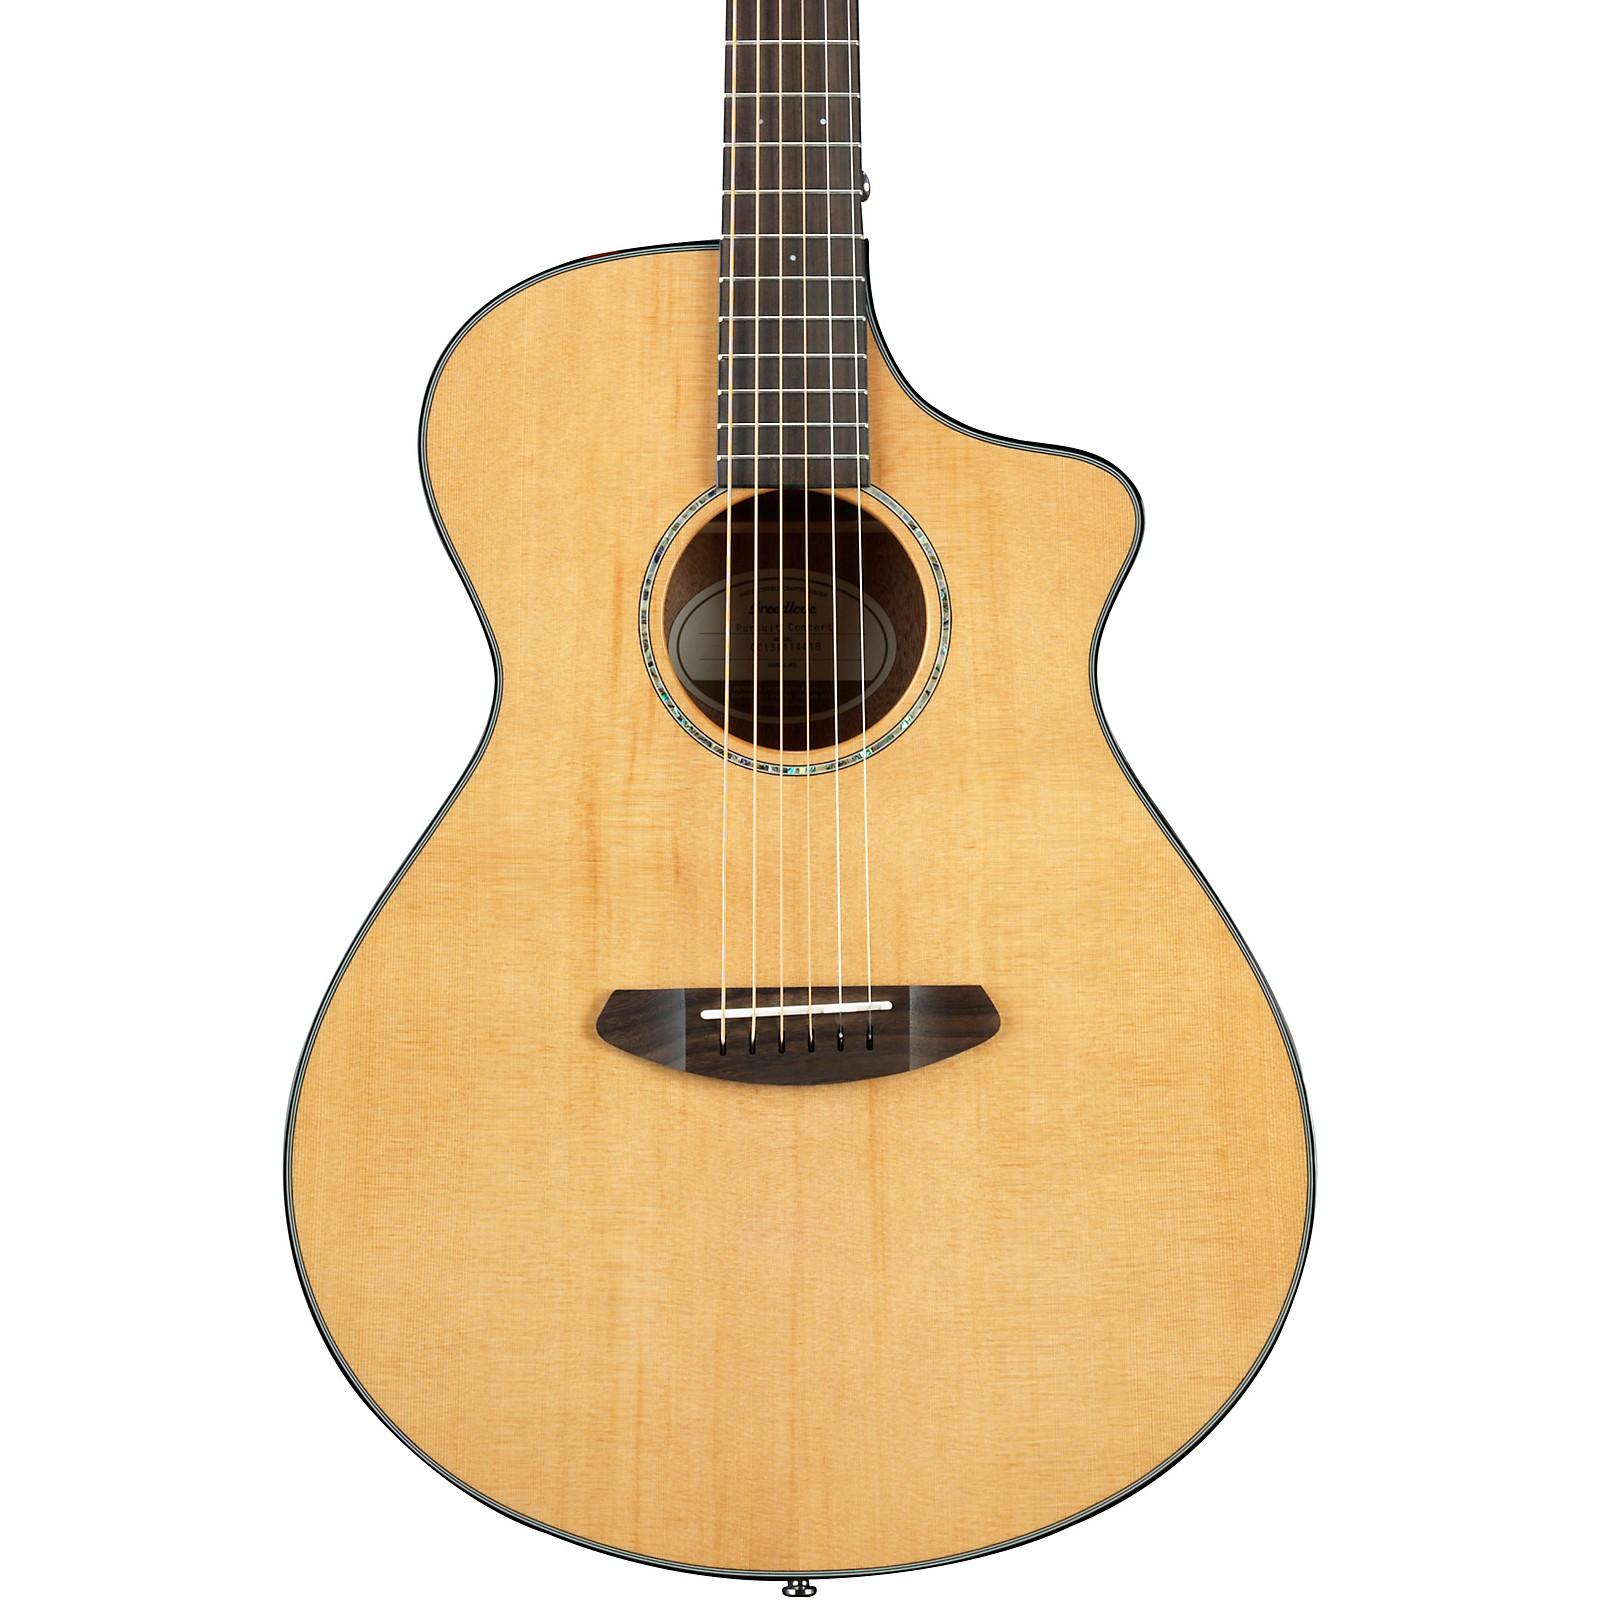 Breedlove Pursuit Concert Cutaway CE Acoustic-Electric Guitar